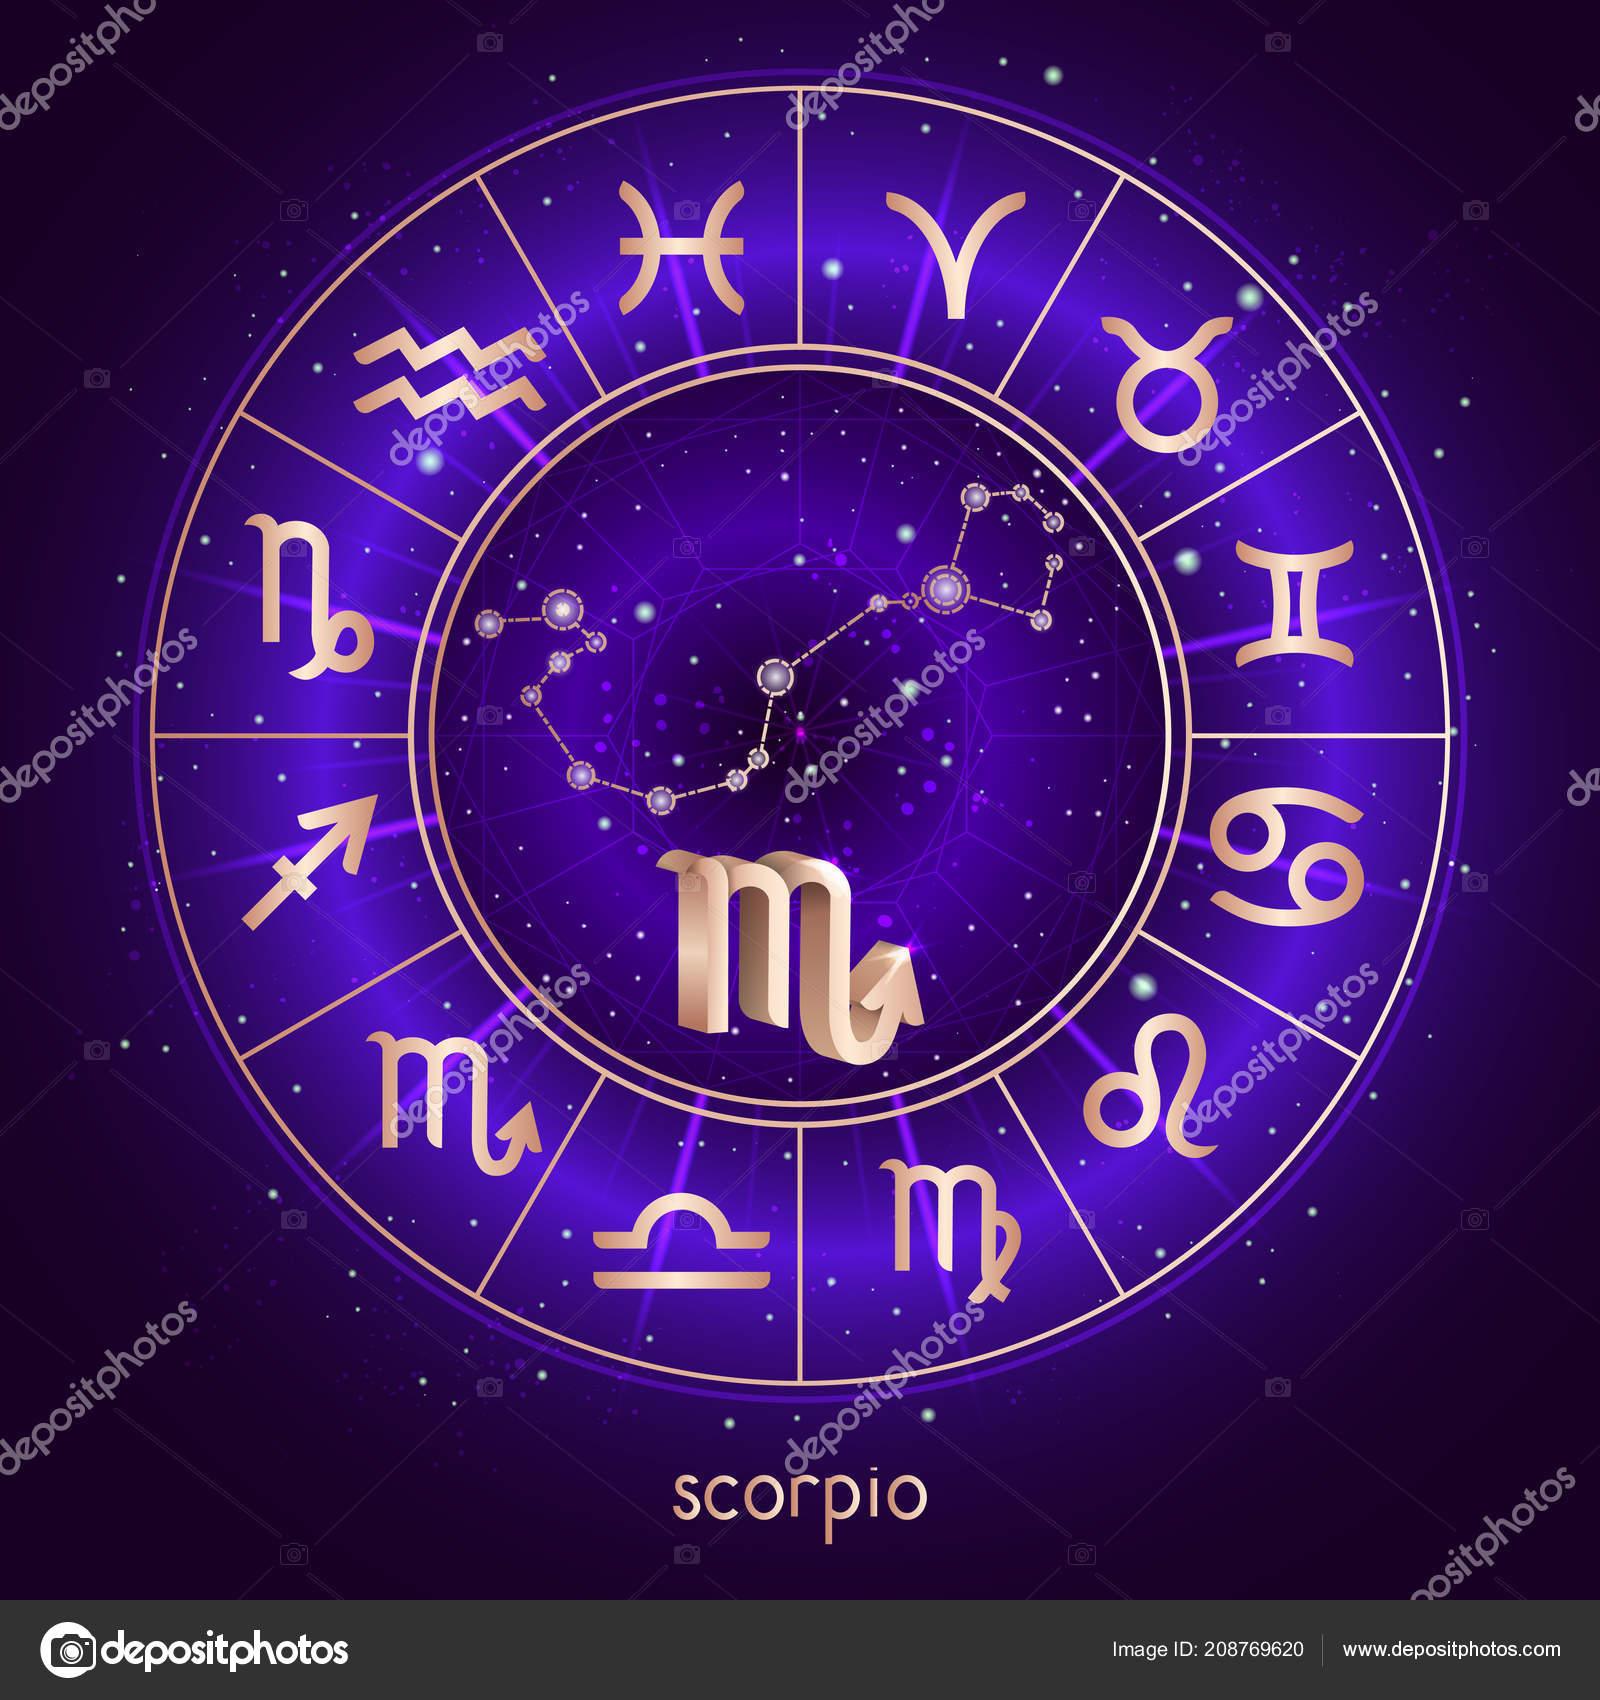 sternzeichen und sternbild skorpion horoskop kreis und. Black Bedroom Furniture Sets. Home Design Ideas